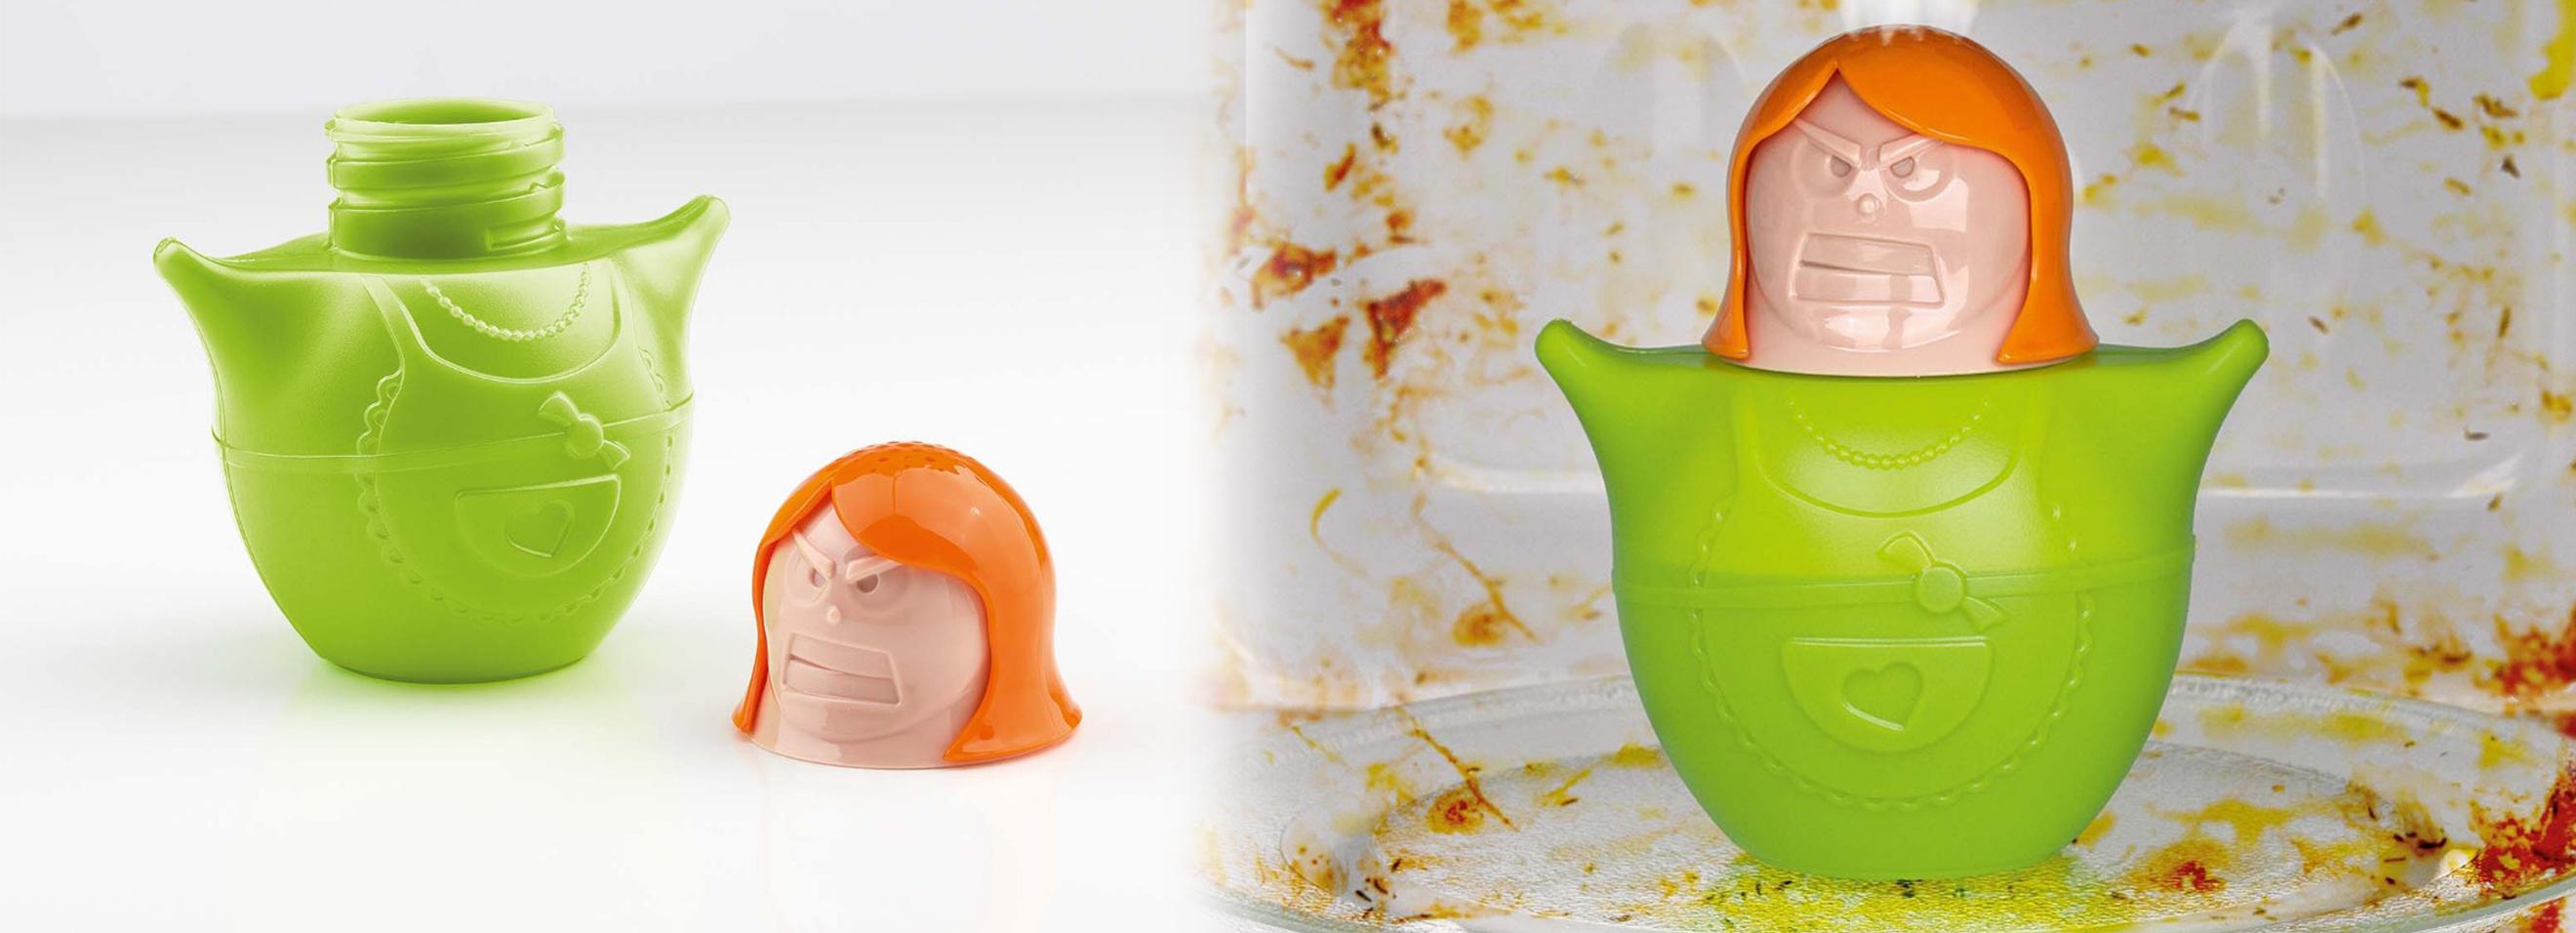 Dispozitiv curatare cuptor cu microunde